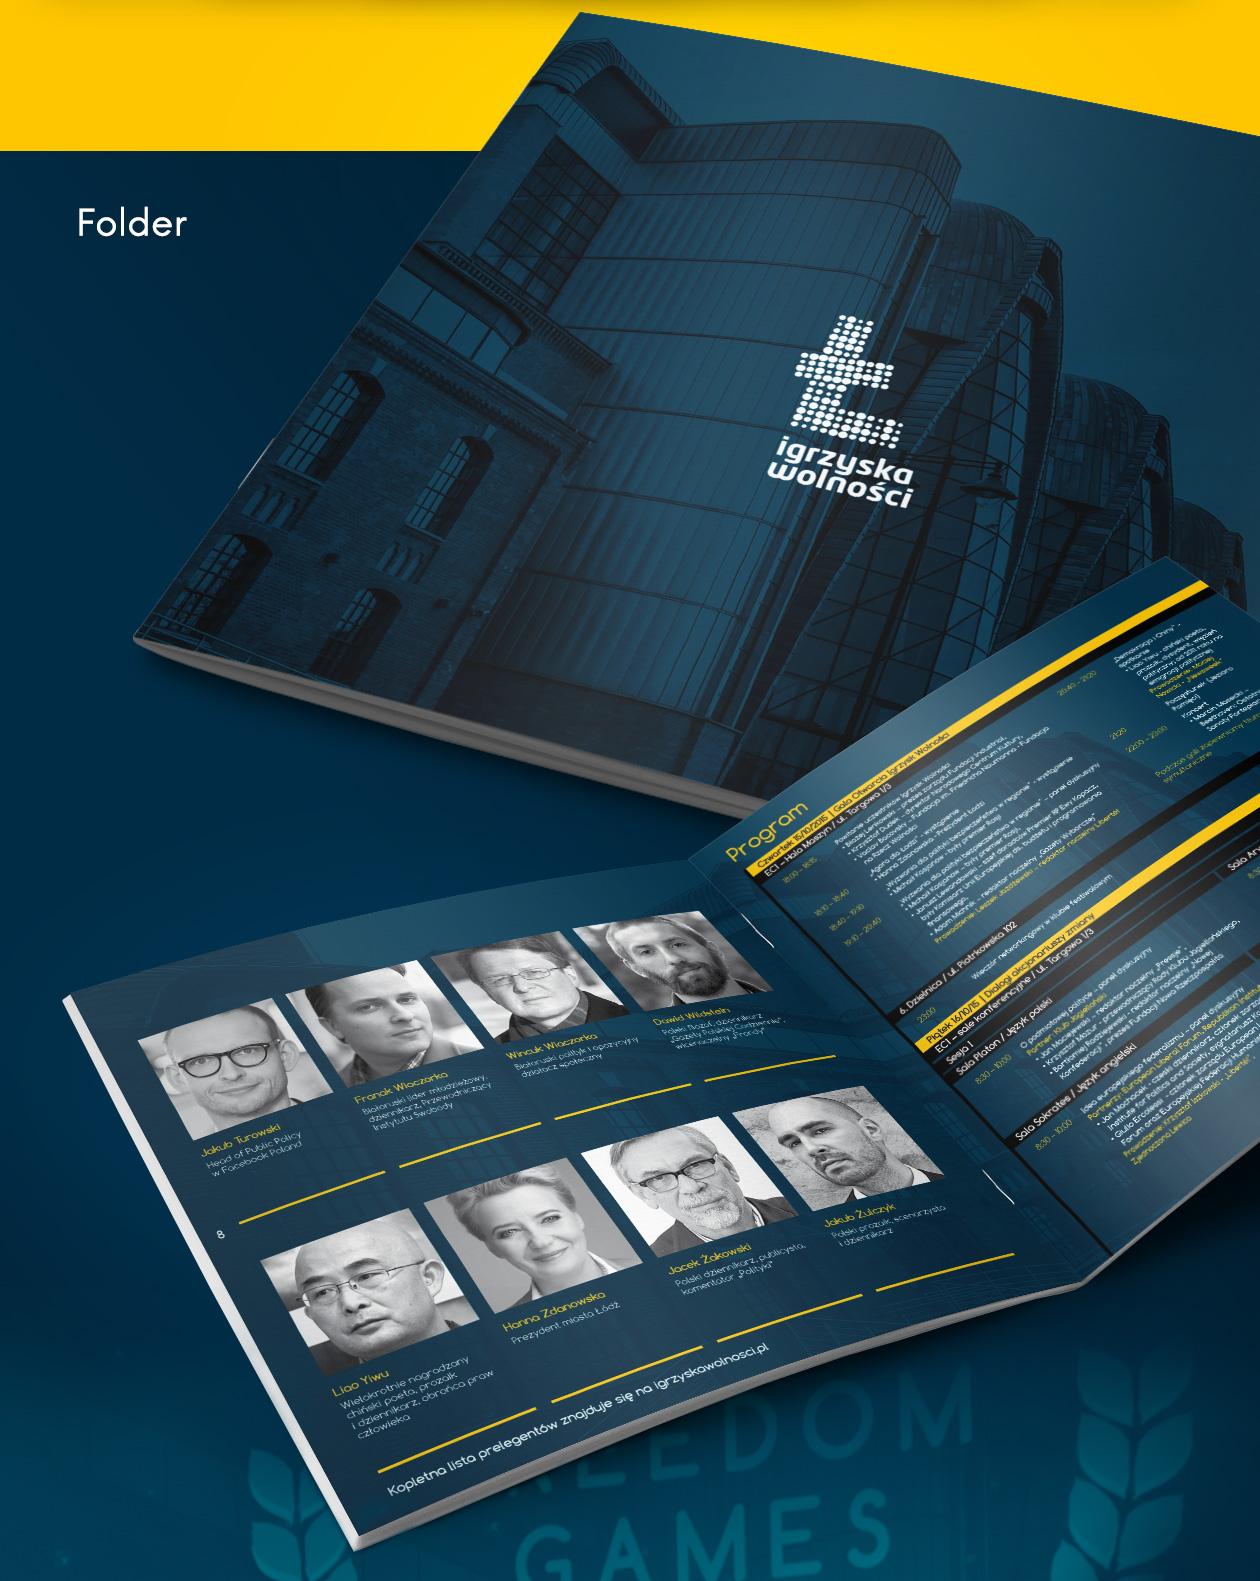 Projekt folderu Igrzyska Wolności